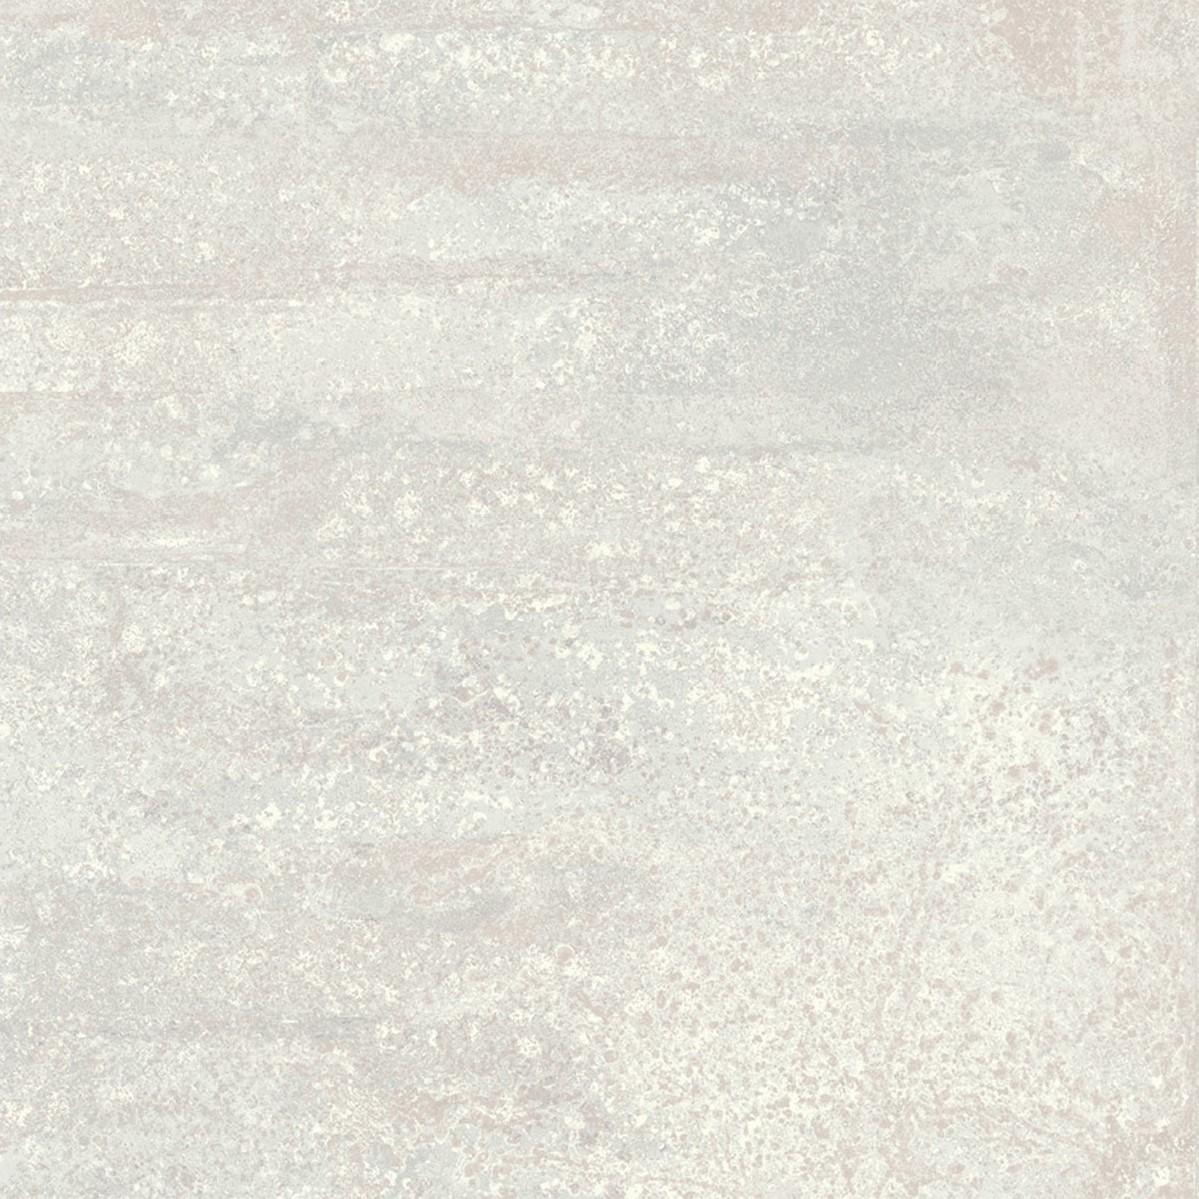 RUST WHITE LAPPATO 692 WEB